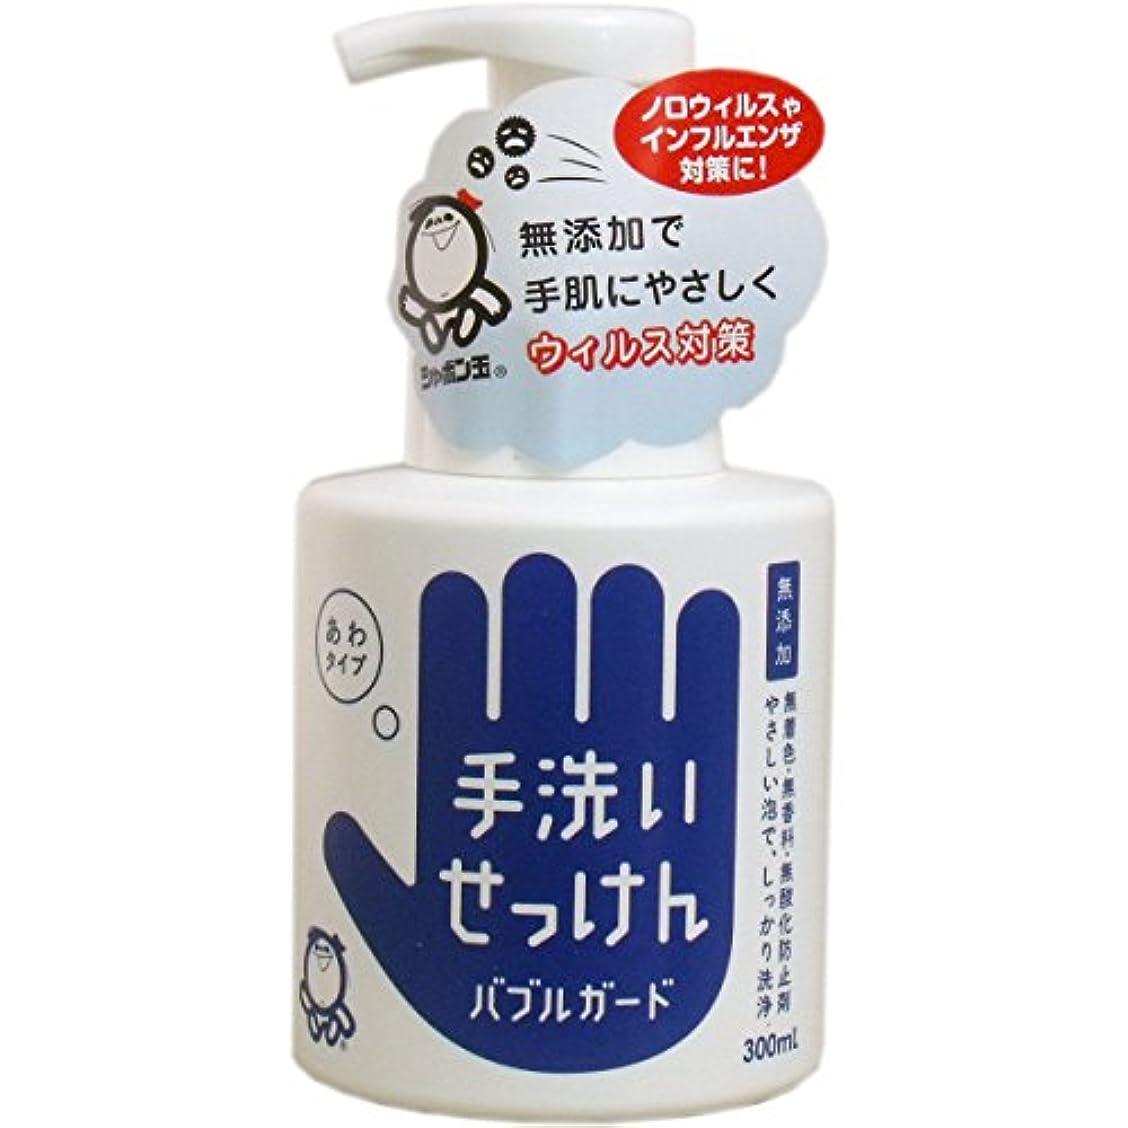 沿ってパース忌み嫌う[シャボン玉石けん 1602793] (ケア商品)手洗いせっけん バブルガード 泡タイプ 本体 300ml